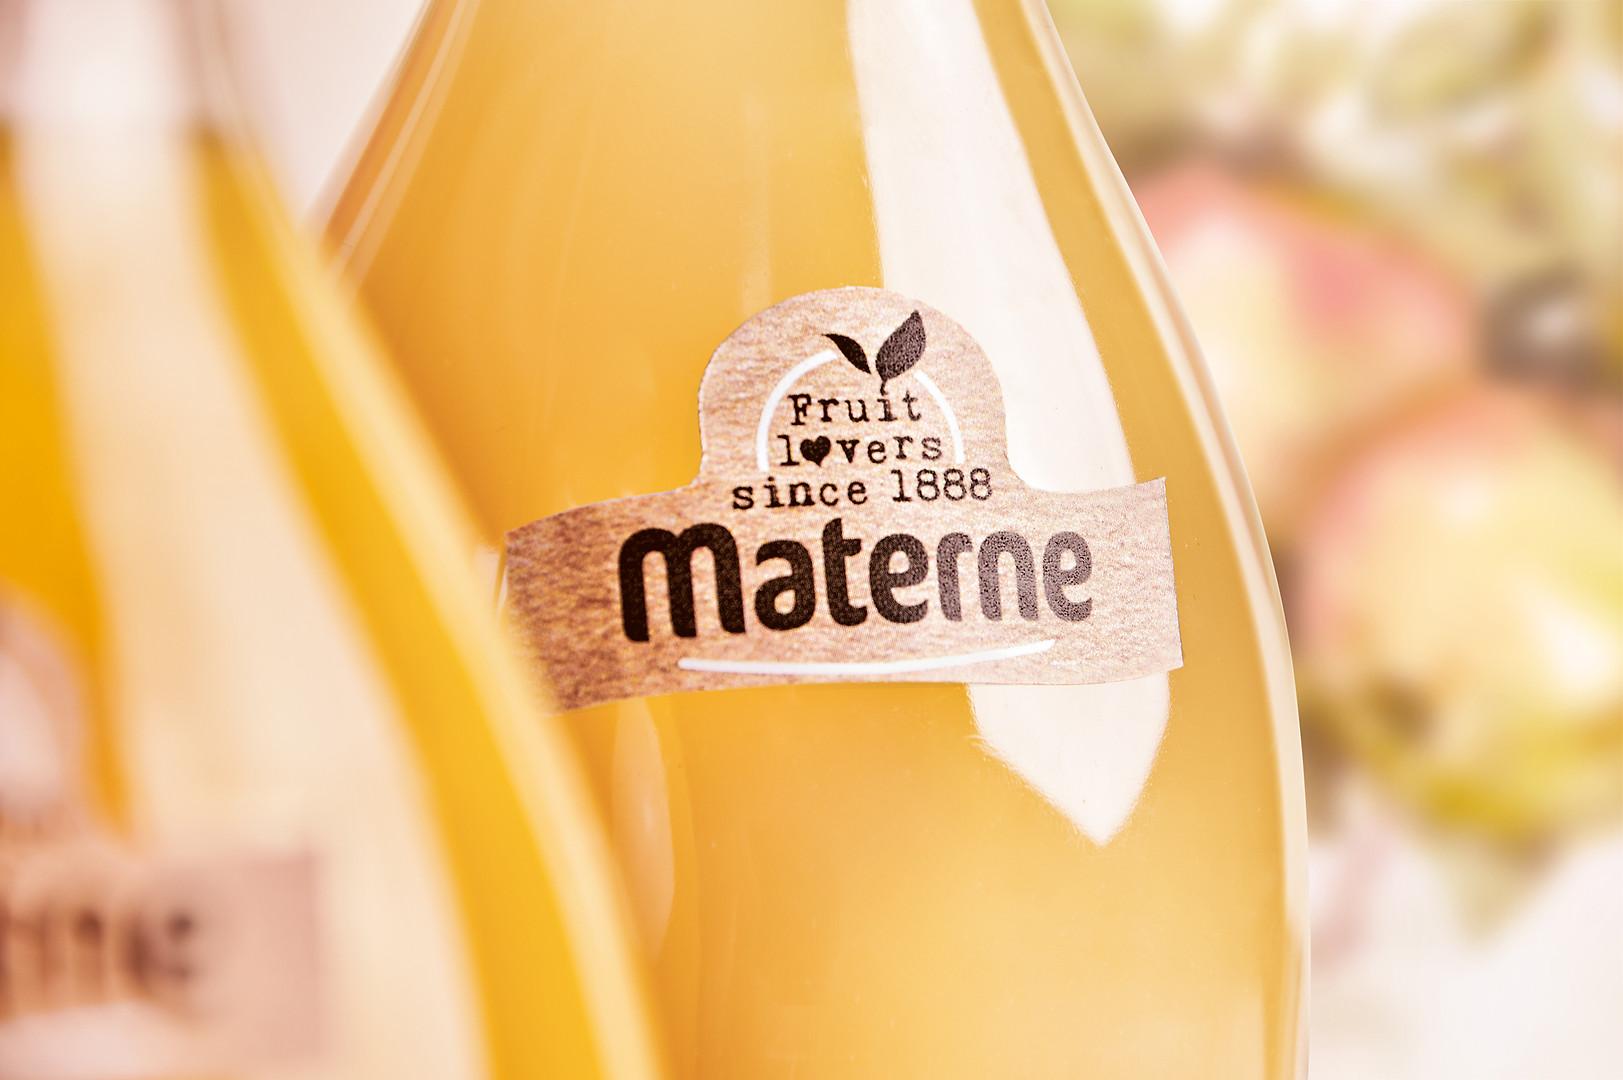 Materne---Bio---Close-up-Halssticker.jpg